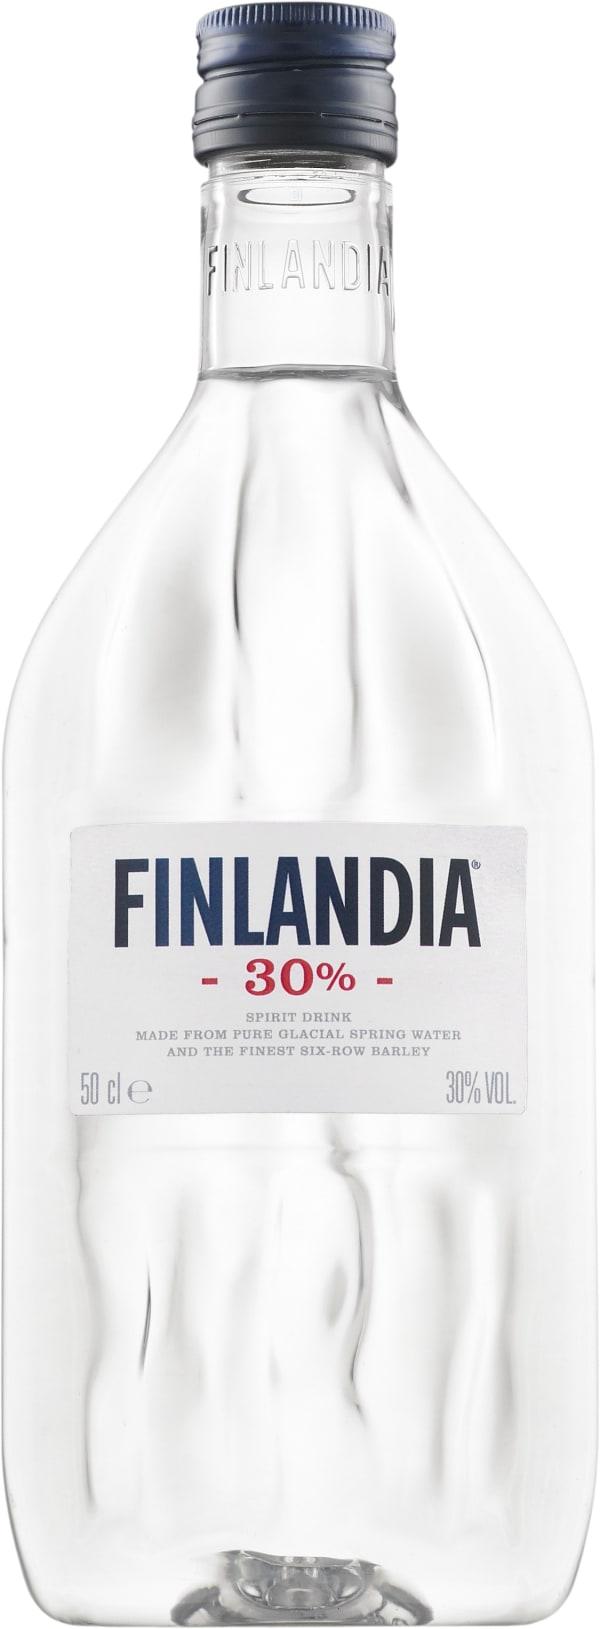 Finlandia 30% muovipullo